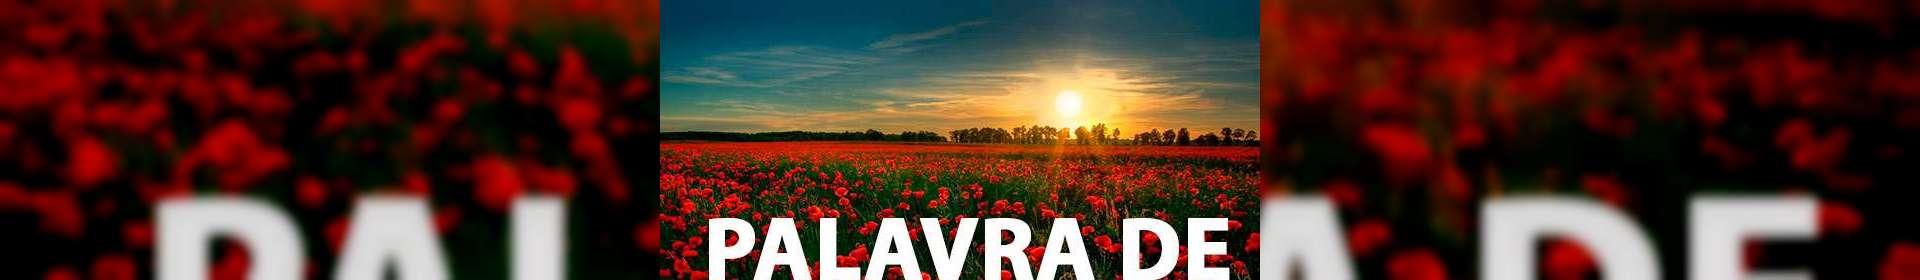 Isaías 45:8 - Uma Palavra de Esperança para sua vida